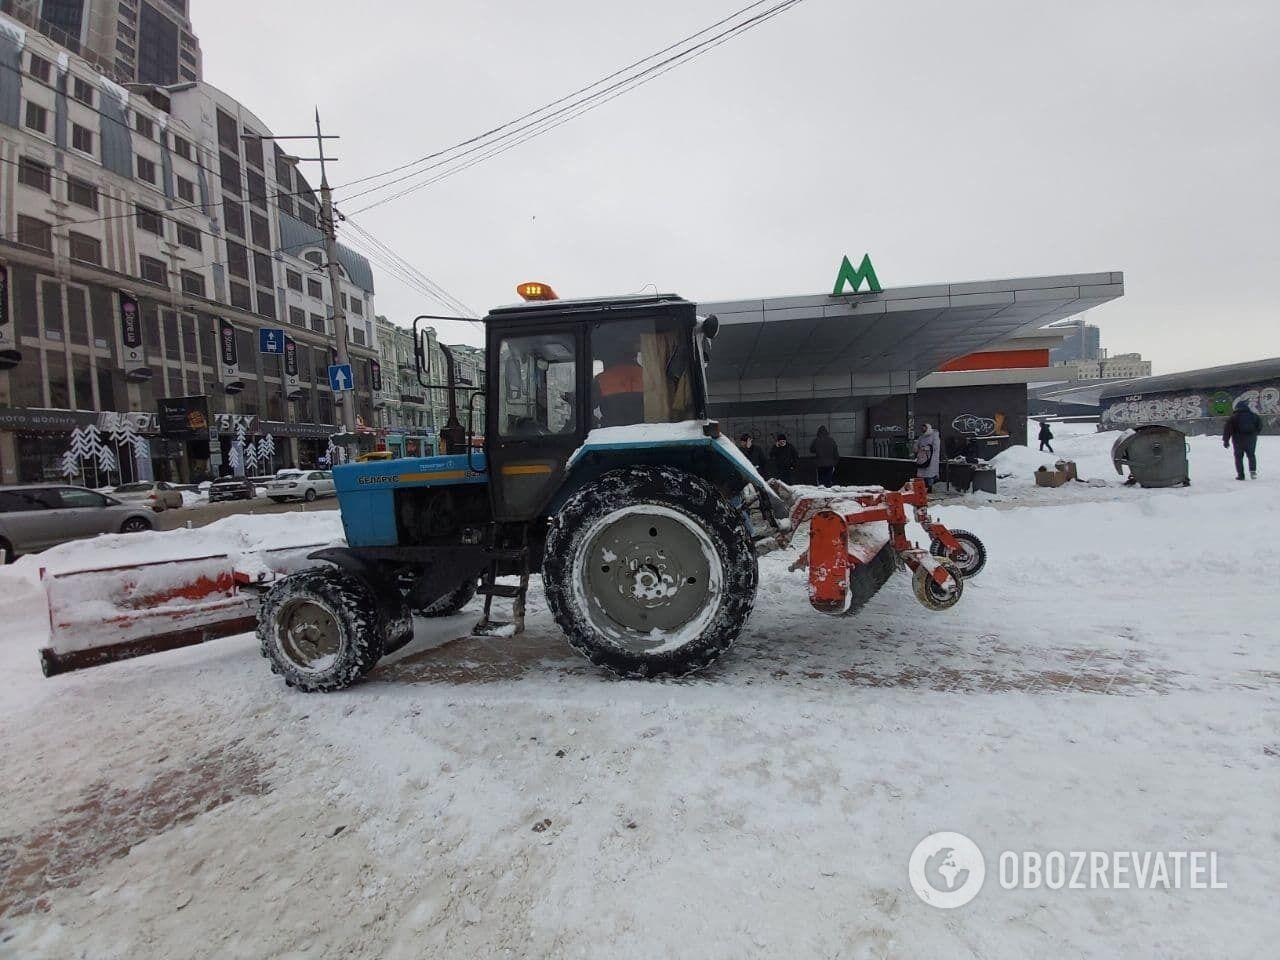 Снег убирает спецтехника коммунальщиков и частных компаний.